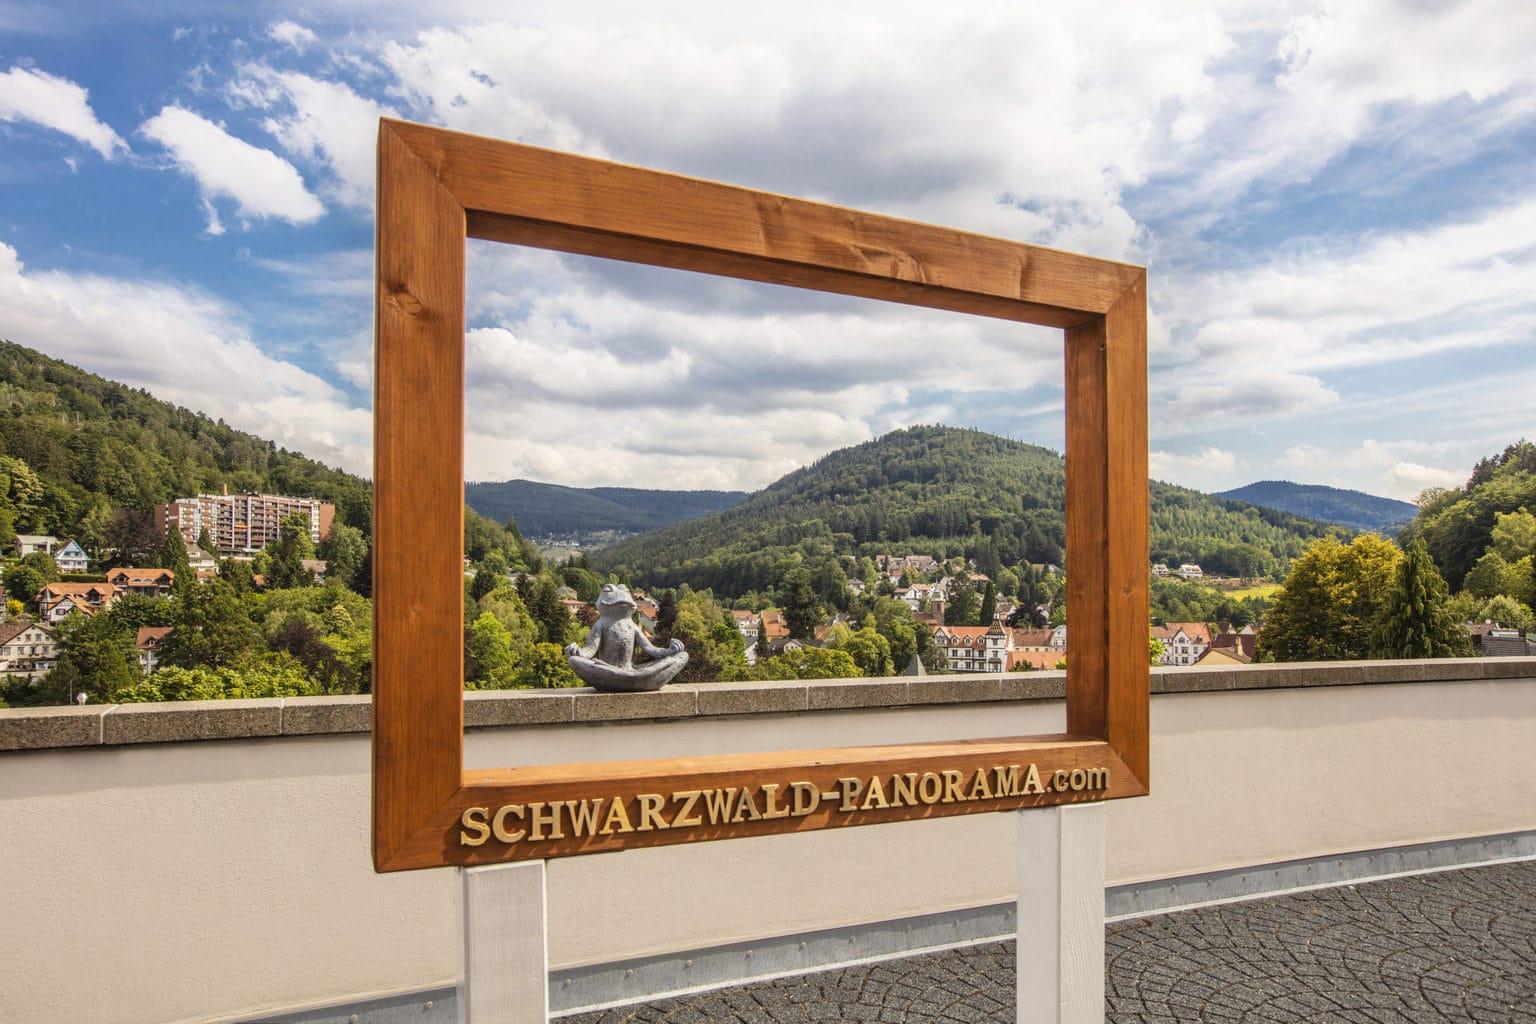 Hotel Schwarzwald Panorama biedt een uitzicht om intelijsten